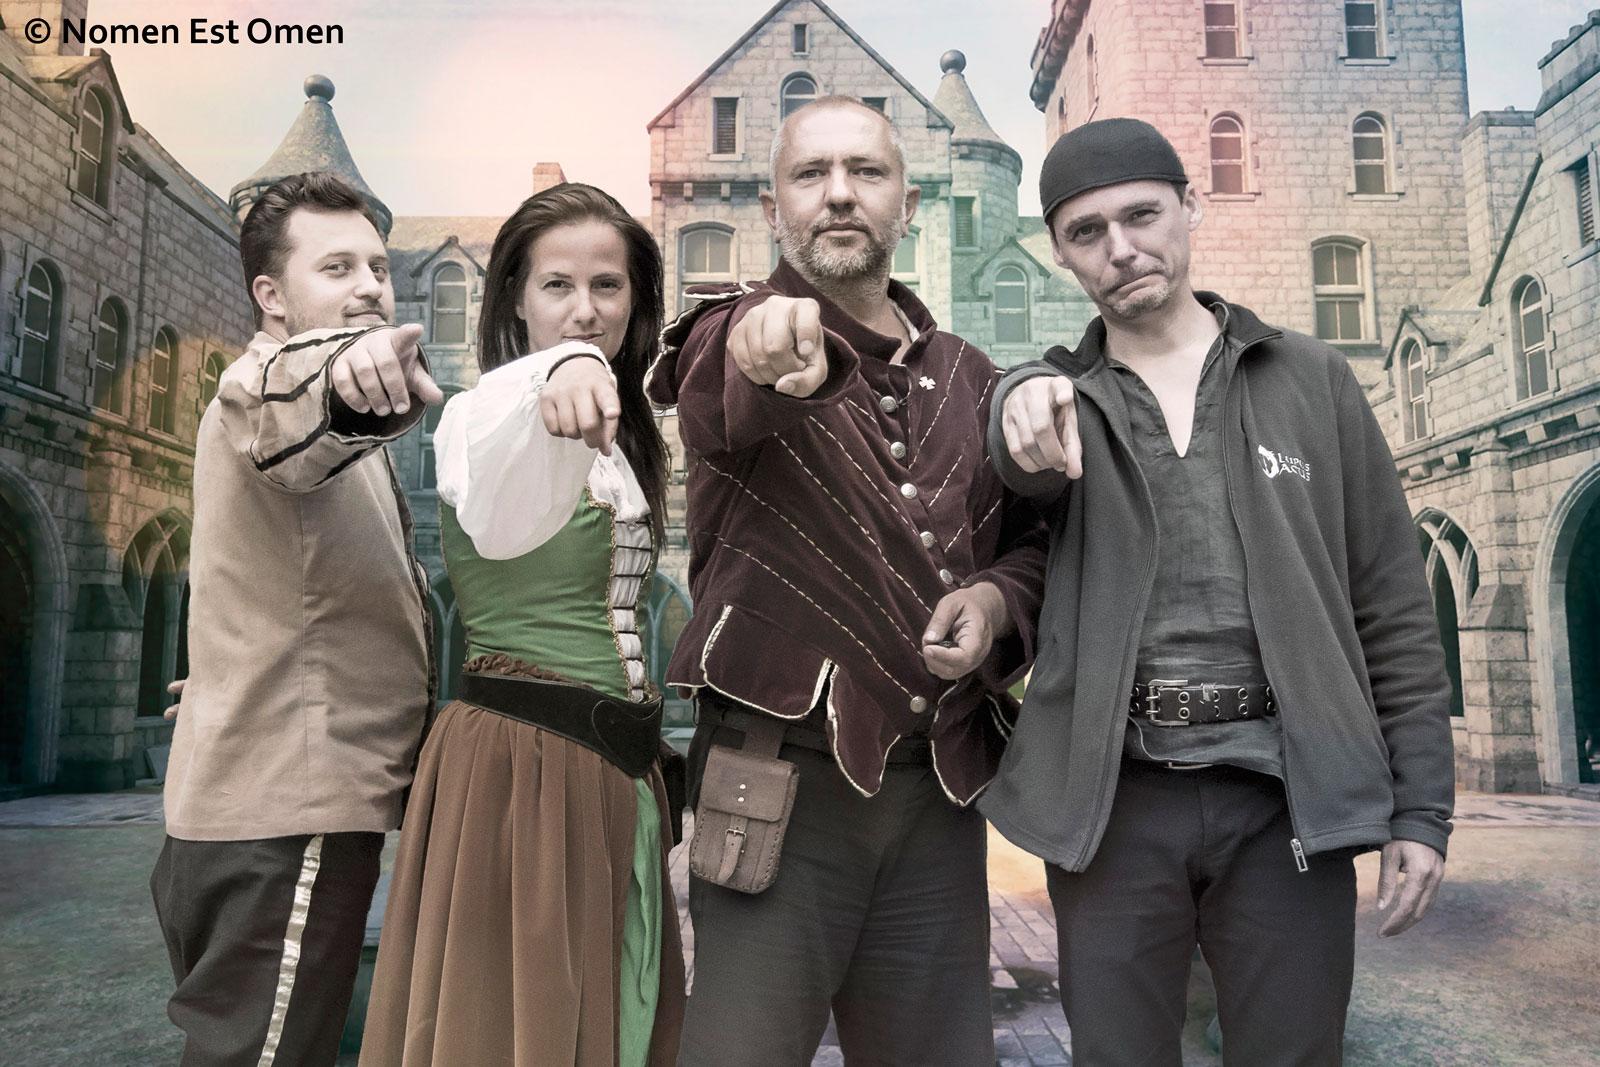 Nomen Est Omen-festival medieval